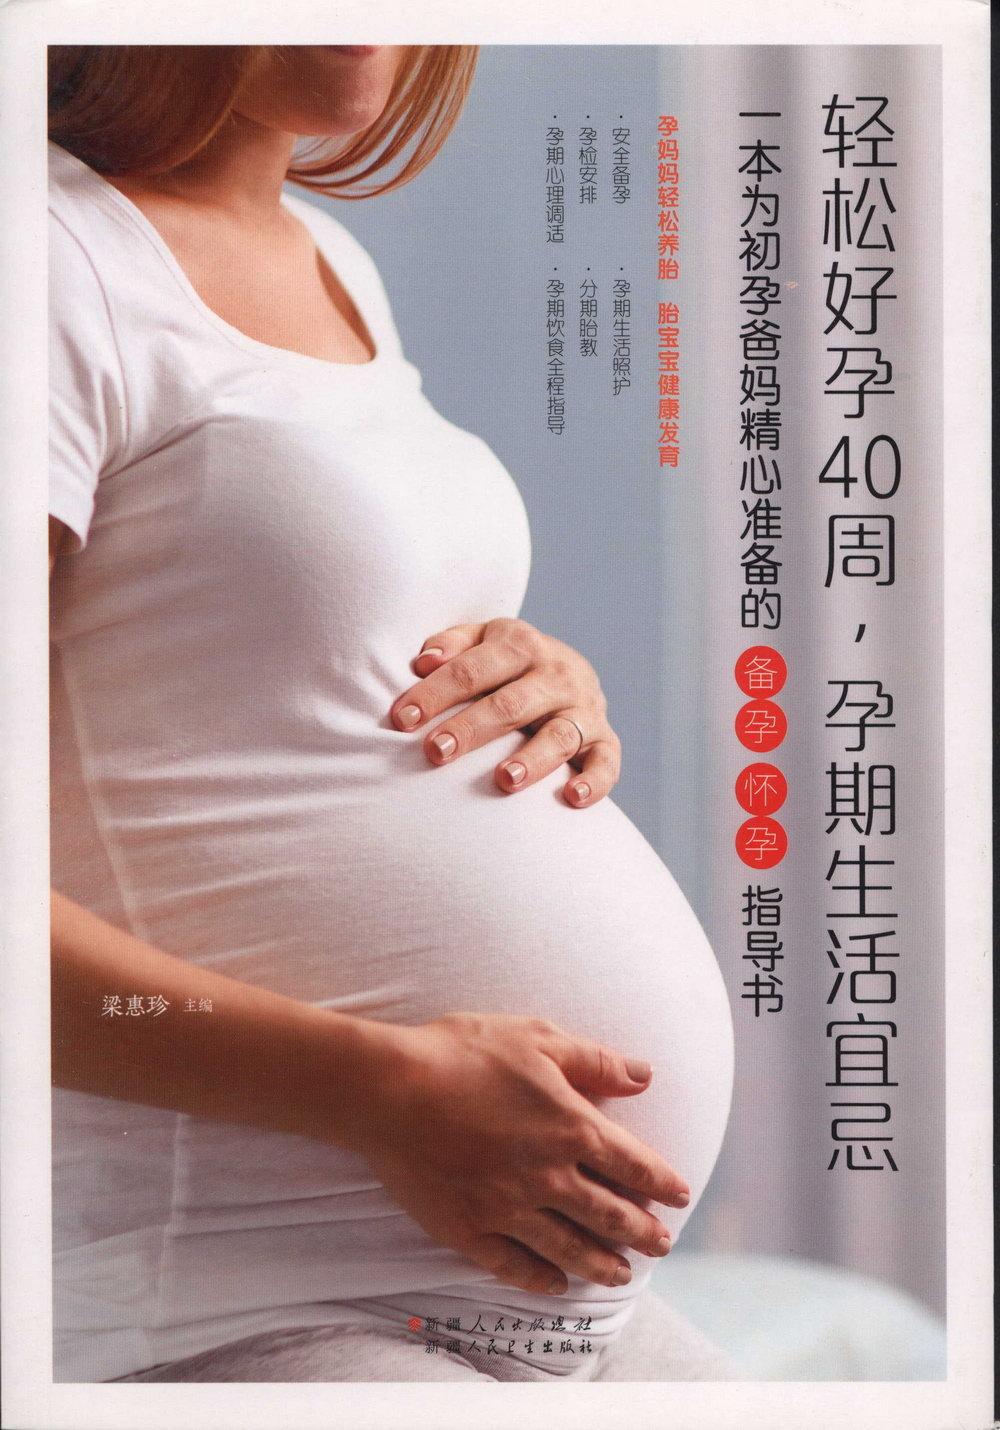 輕松好孕40周,孕期生活宜忌